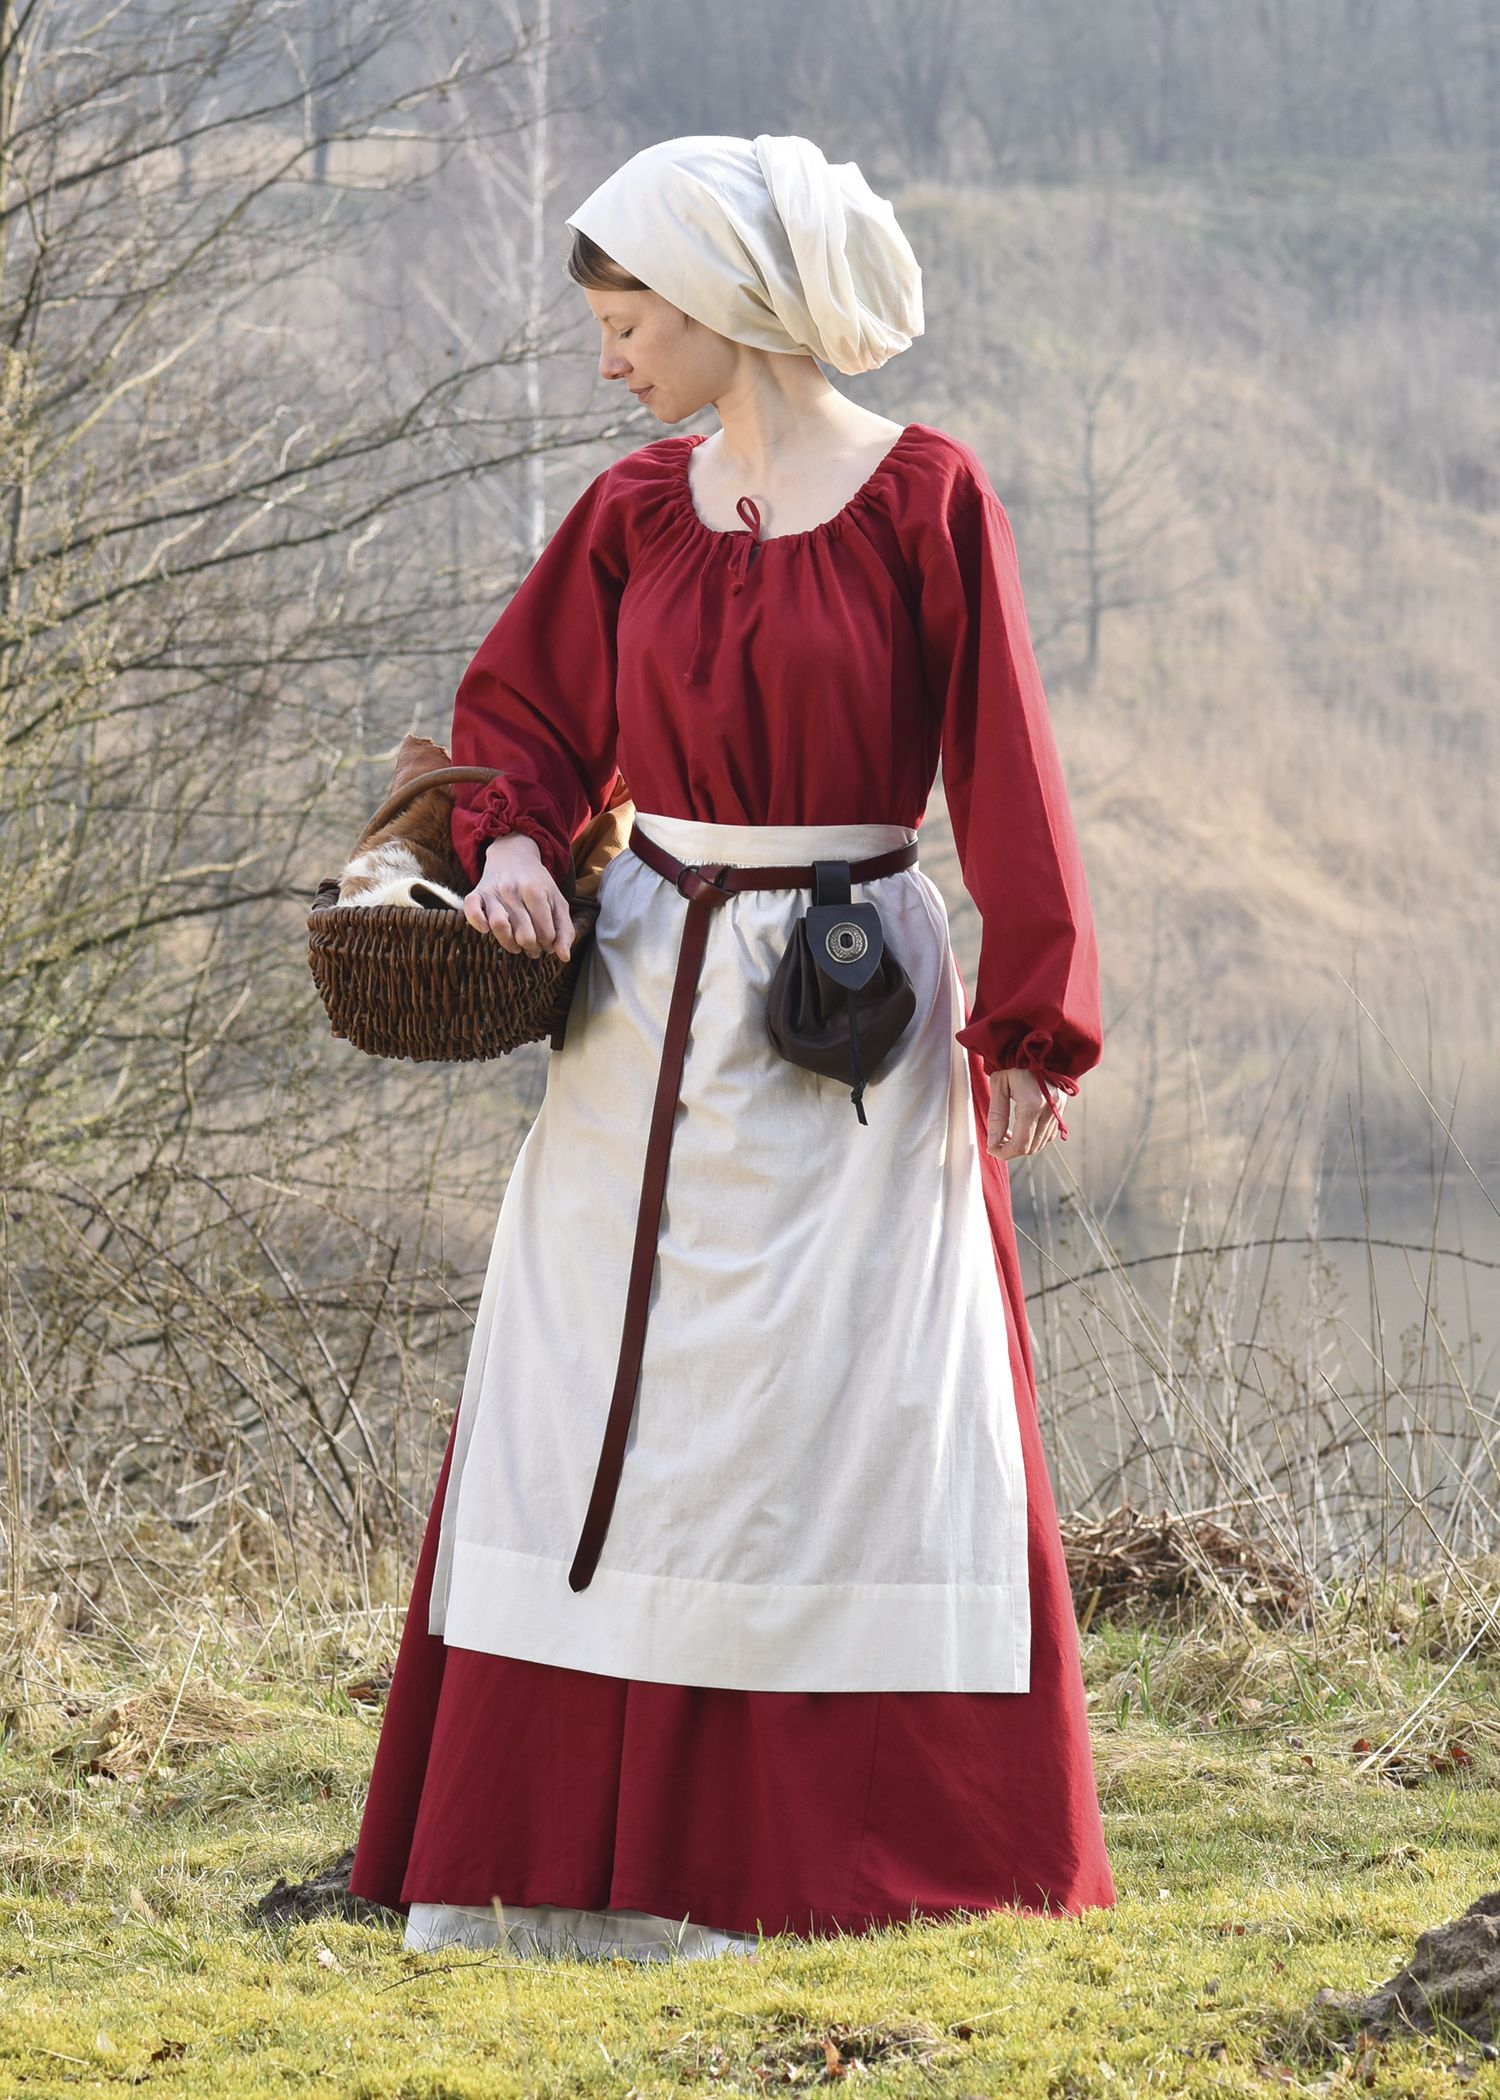 medieval apron // schürzen wurden im mittelalter sowohl von